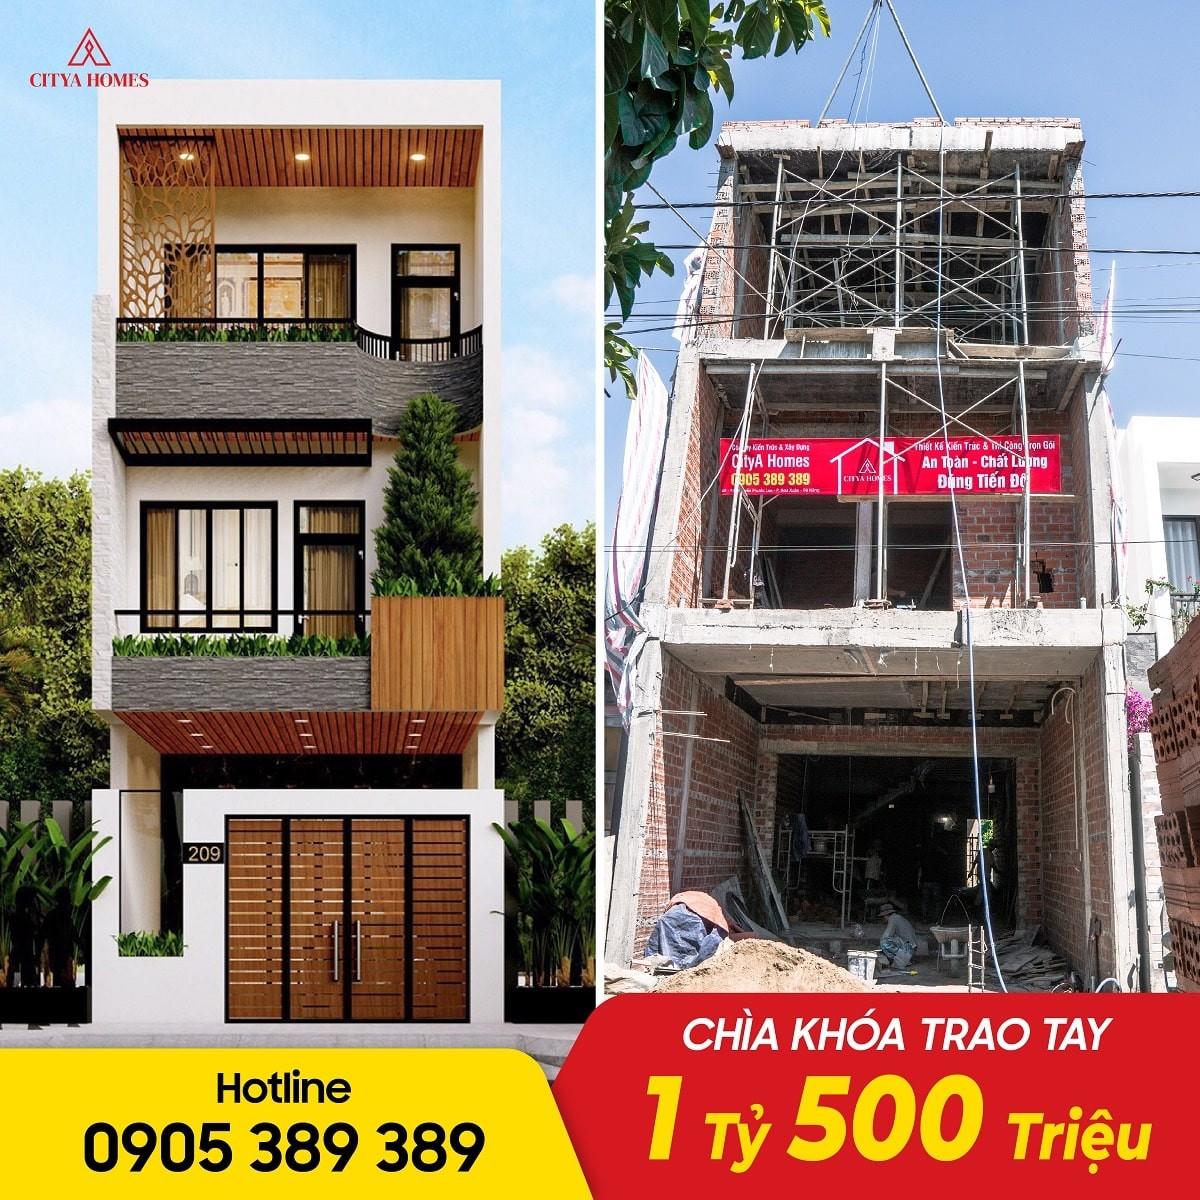 Hình ảnh Thực Tế Nhà 2 Tầng 1 Tum ở Đà Nẵng